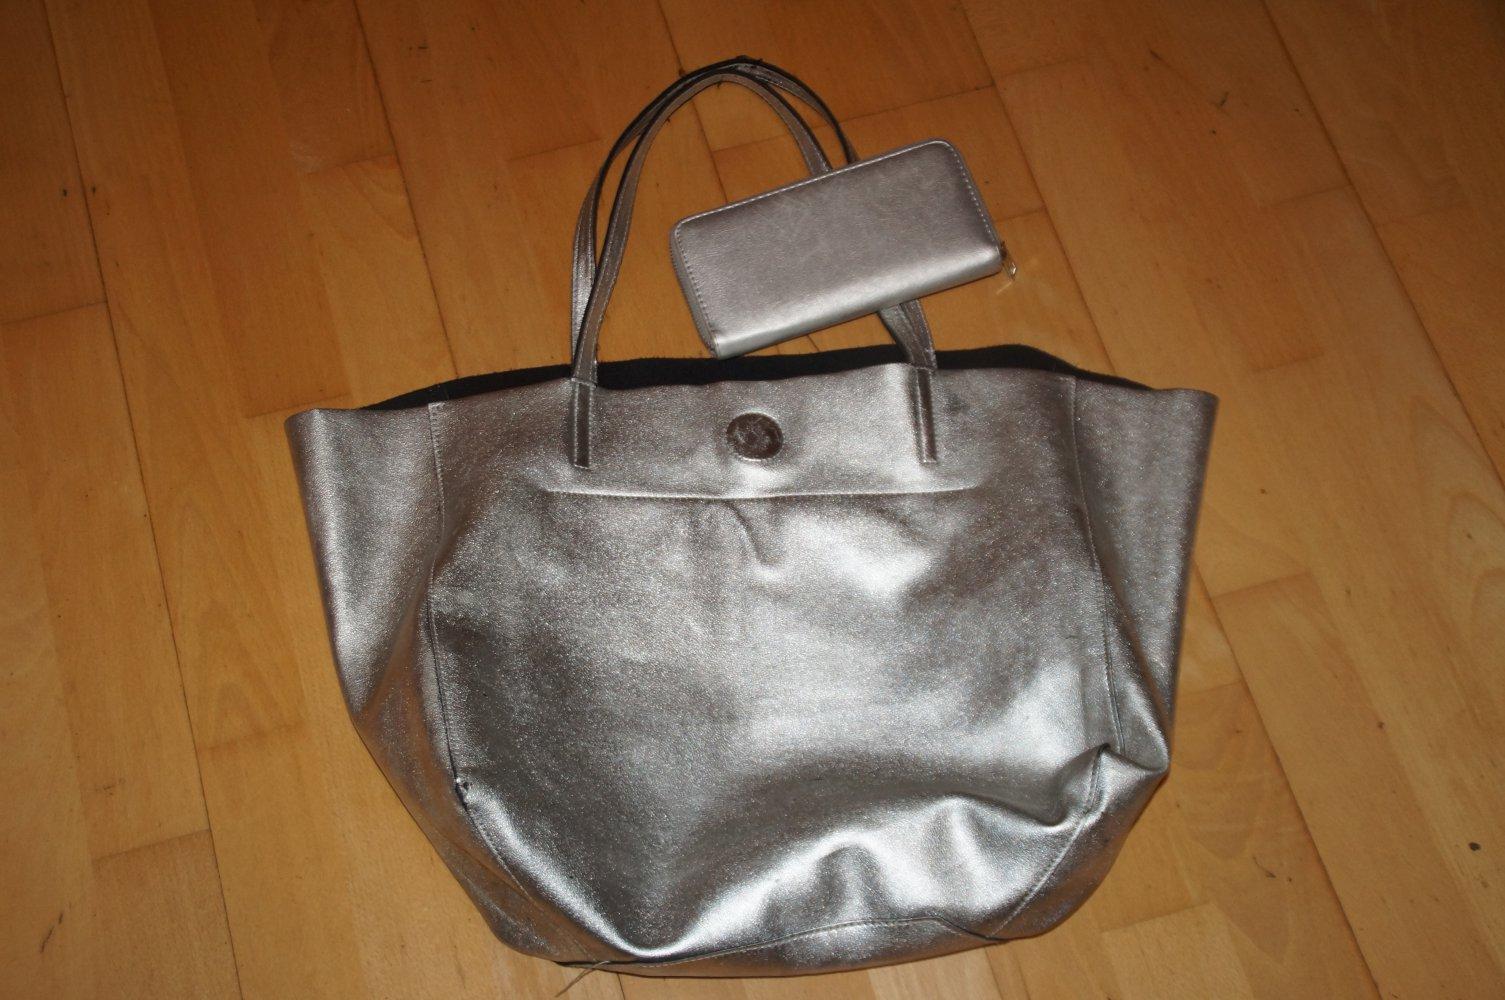 24d5fc82c06b0 H M - Silberne Tasche mit passendem Geldbeutel    Kleiderkorb.de